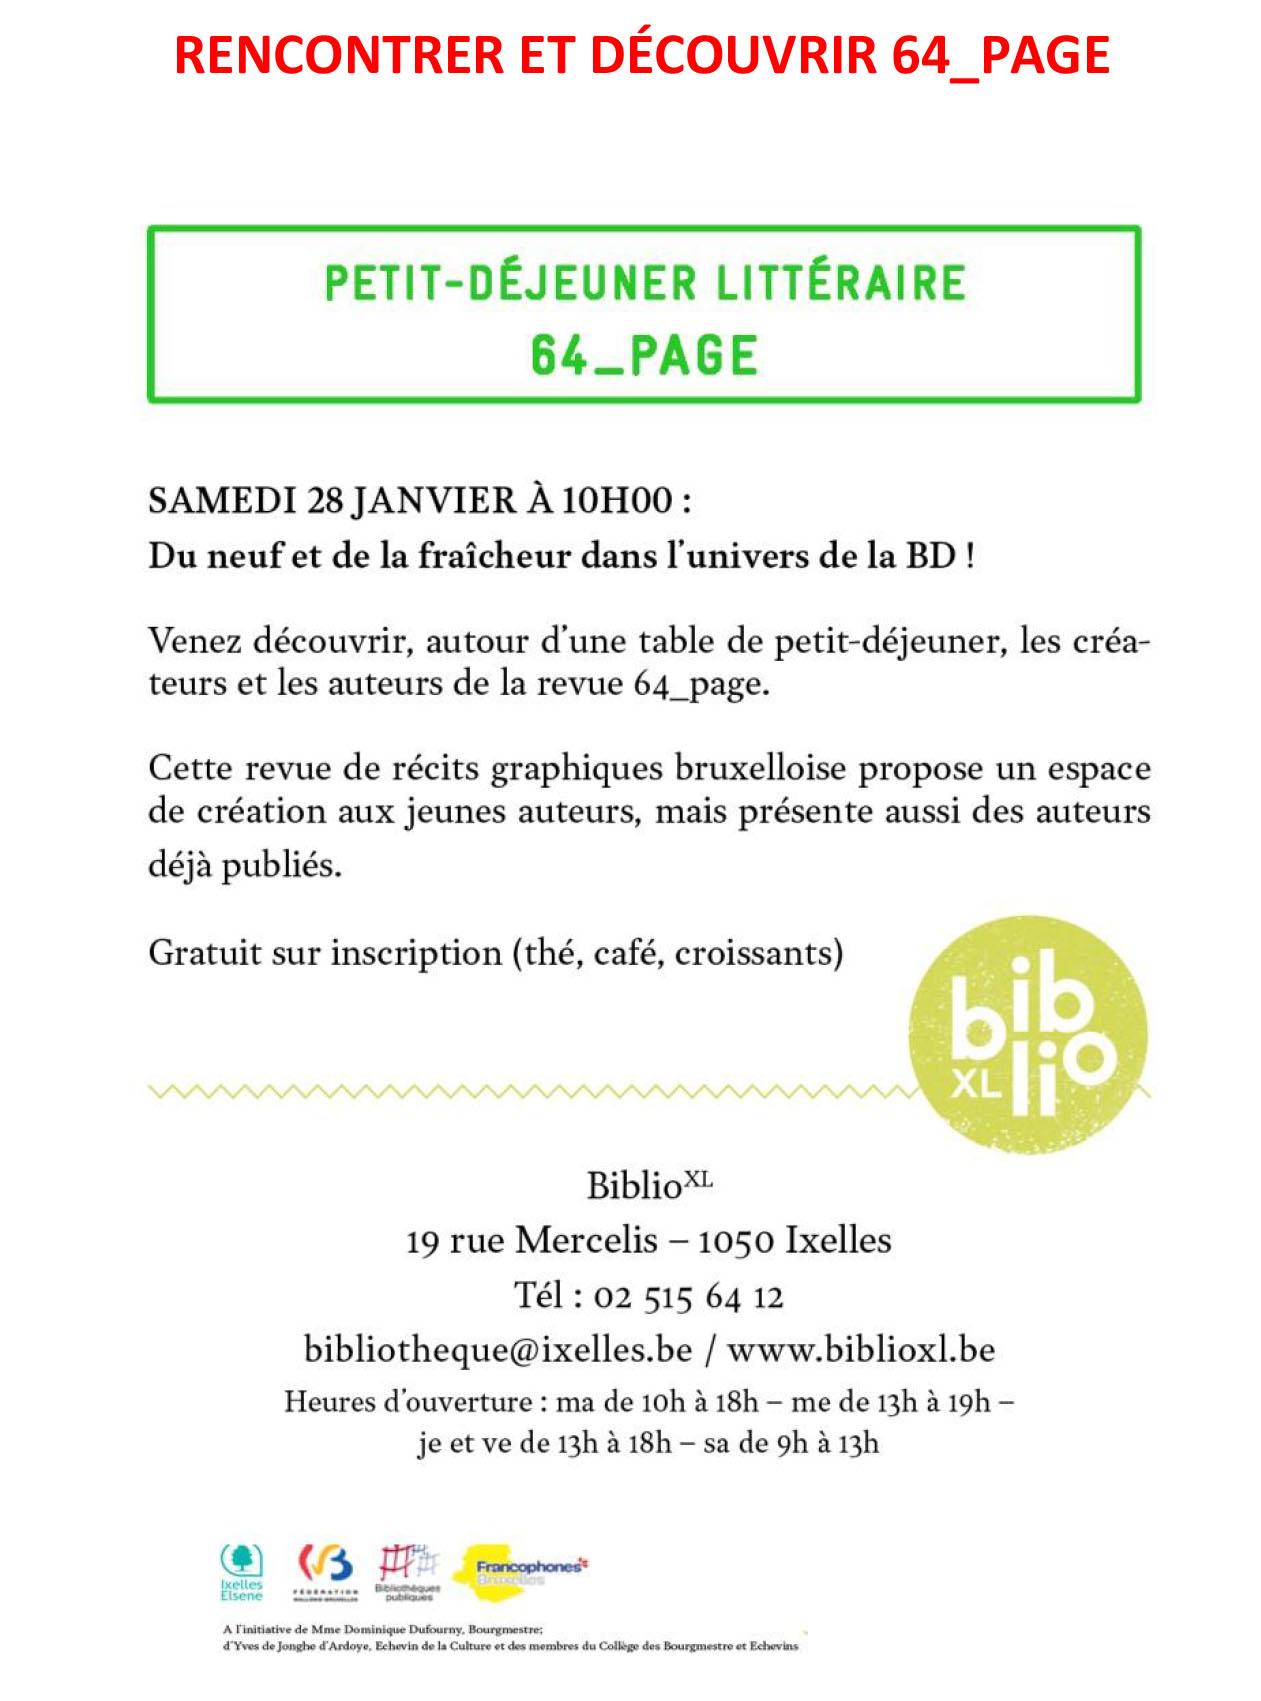 NL 3 20 janvier 2017-2 biblio xl